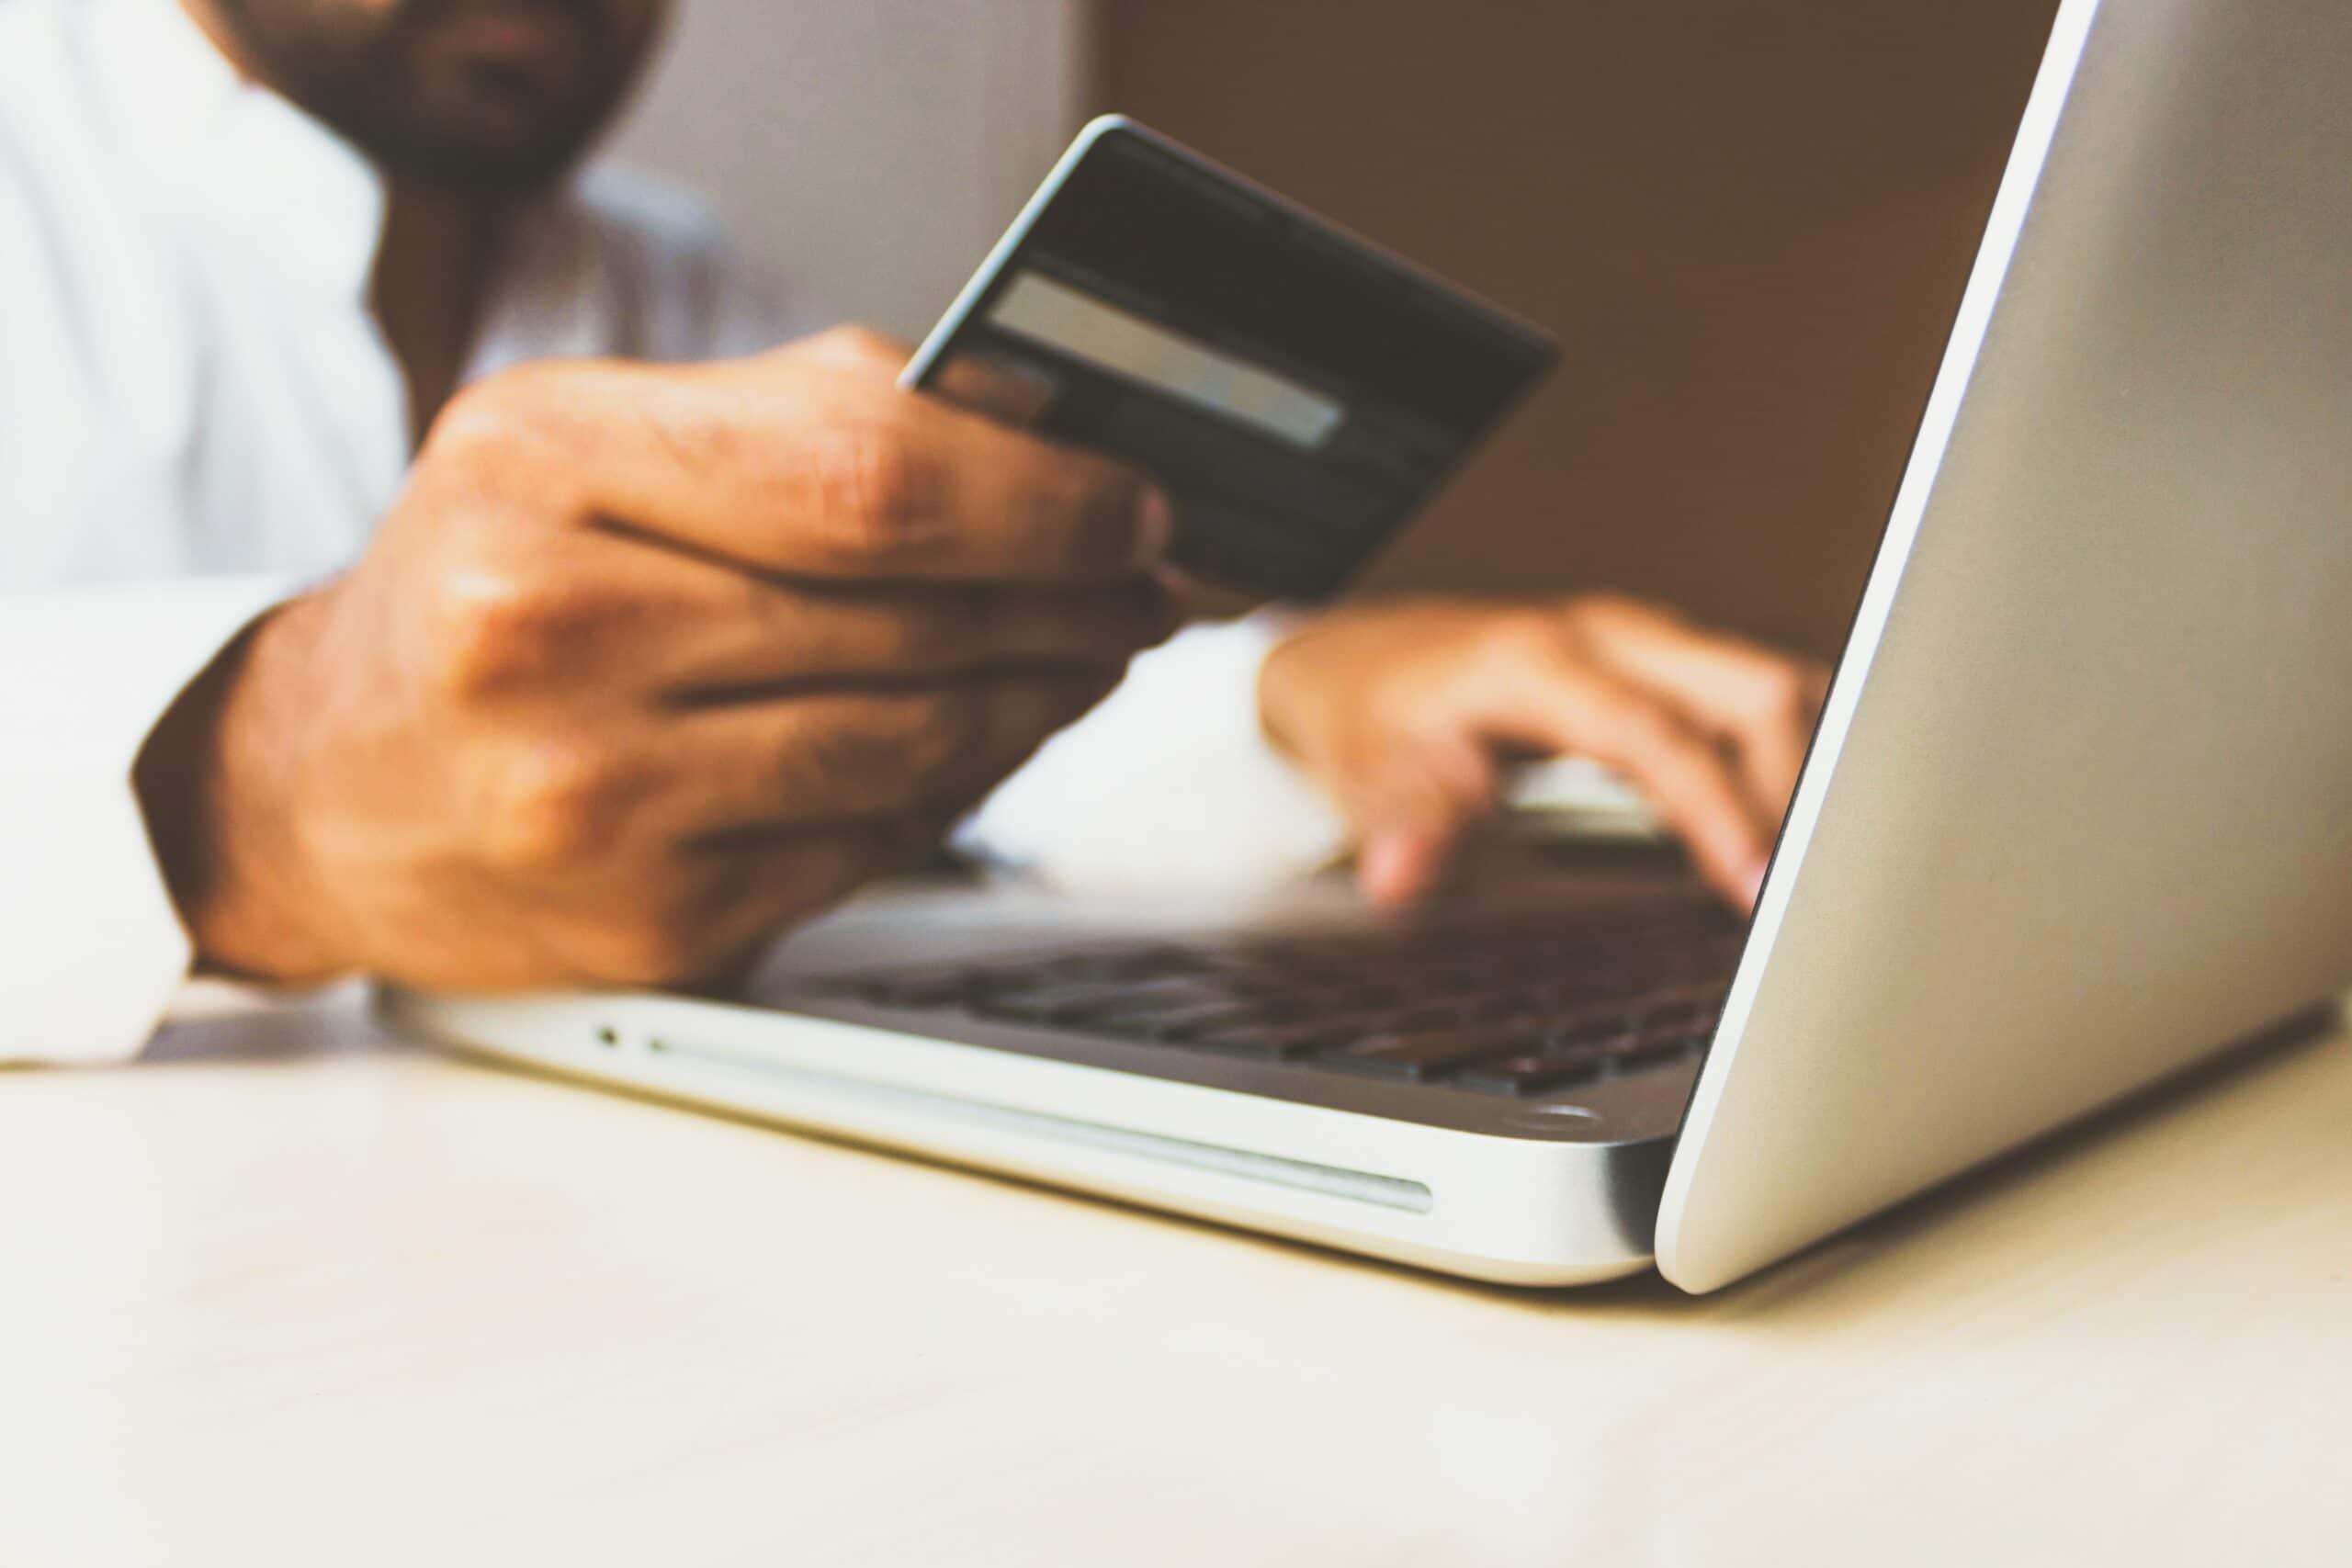 Come risparmiare con gli acquisti online, una breve guida thumbnail